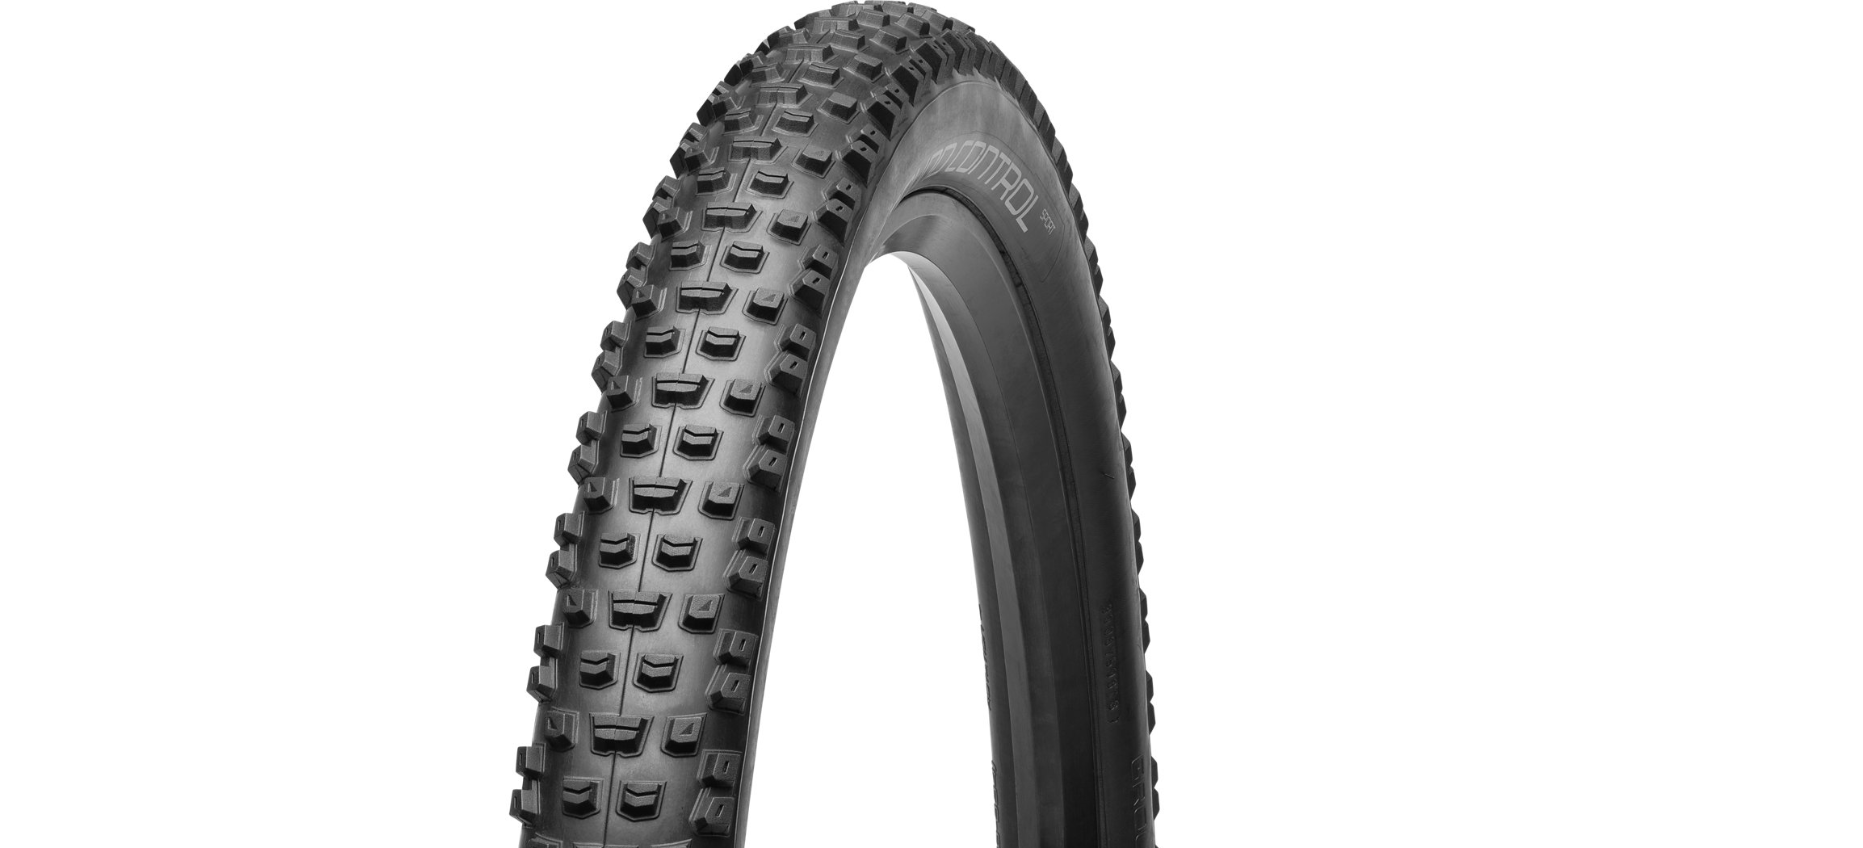 Specialized Specialized Ground Control Sport 26x2.3 Wire Bead Tire